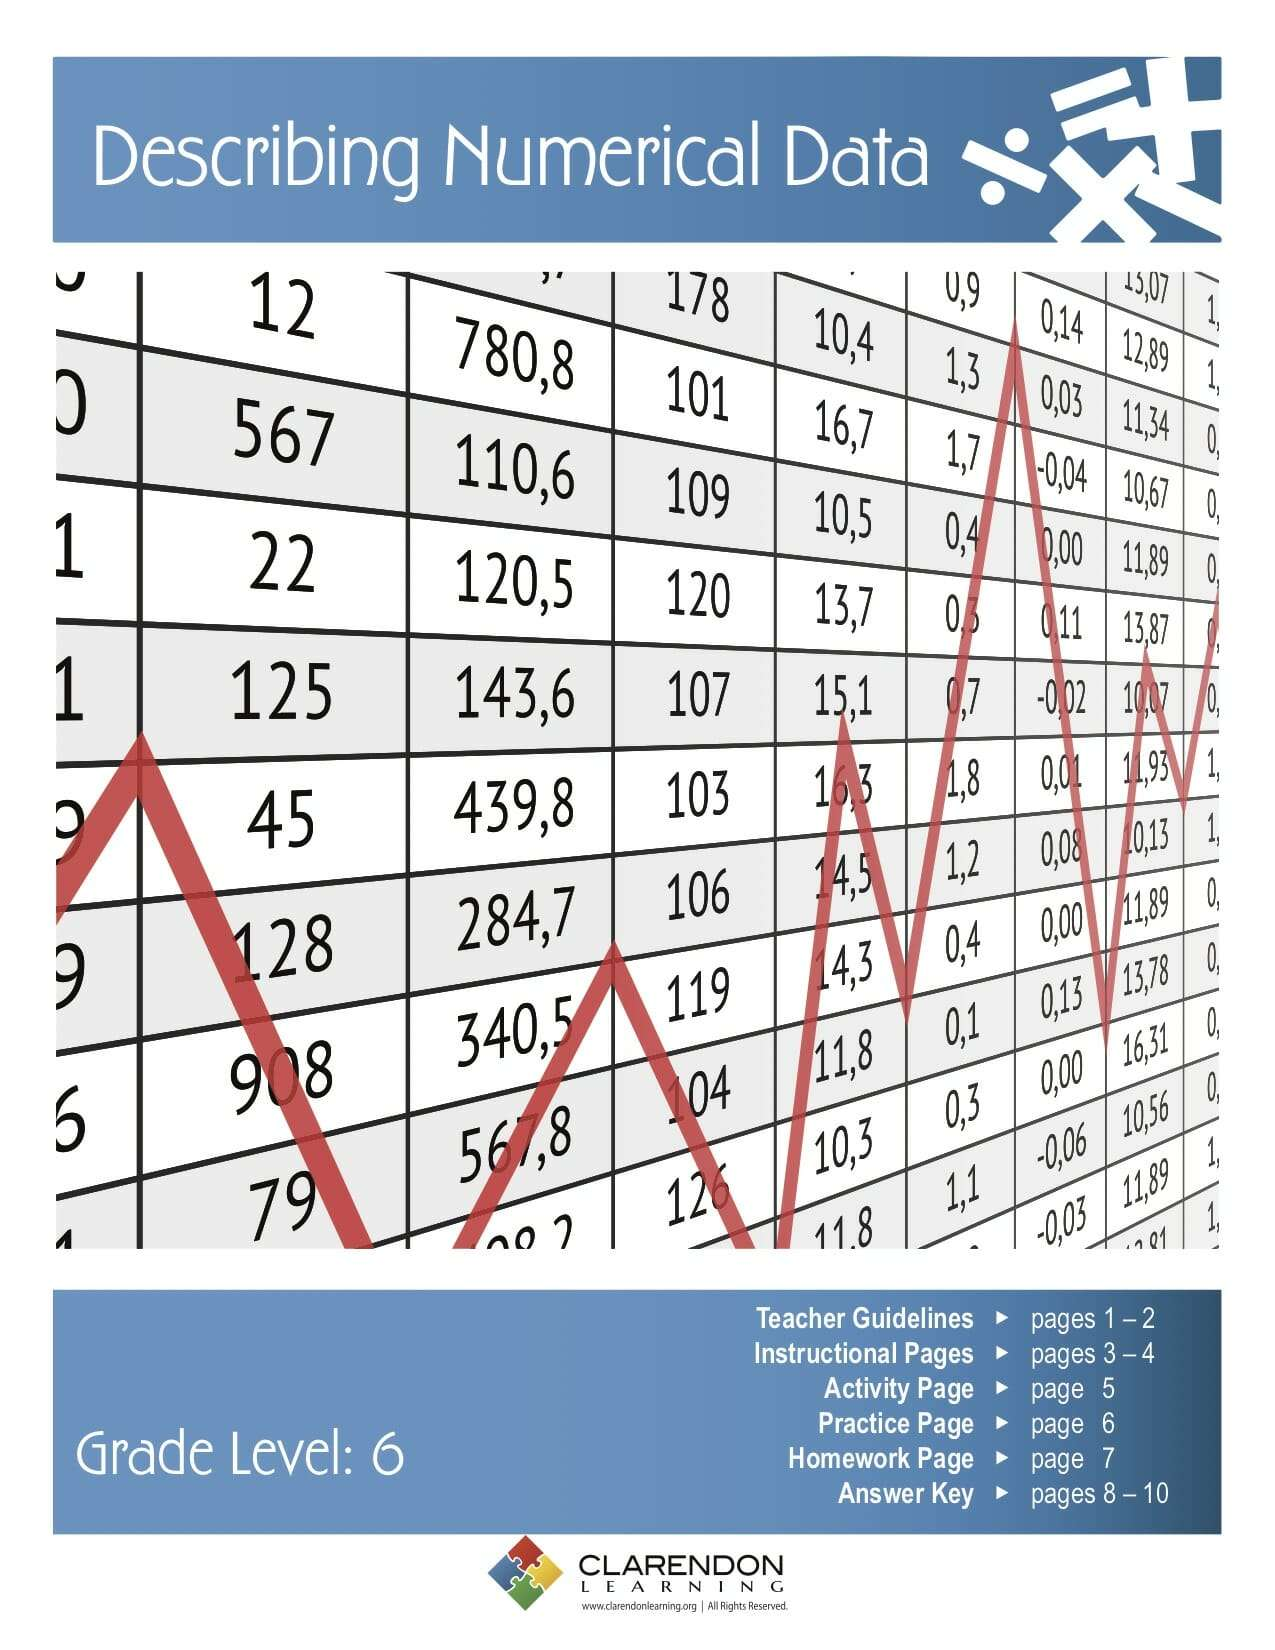 Describing Numerical Data Lesson Plan